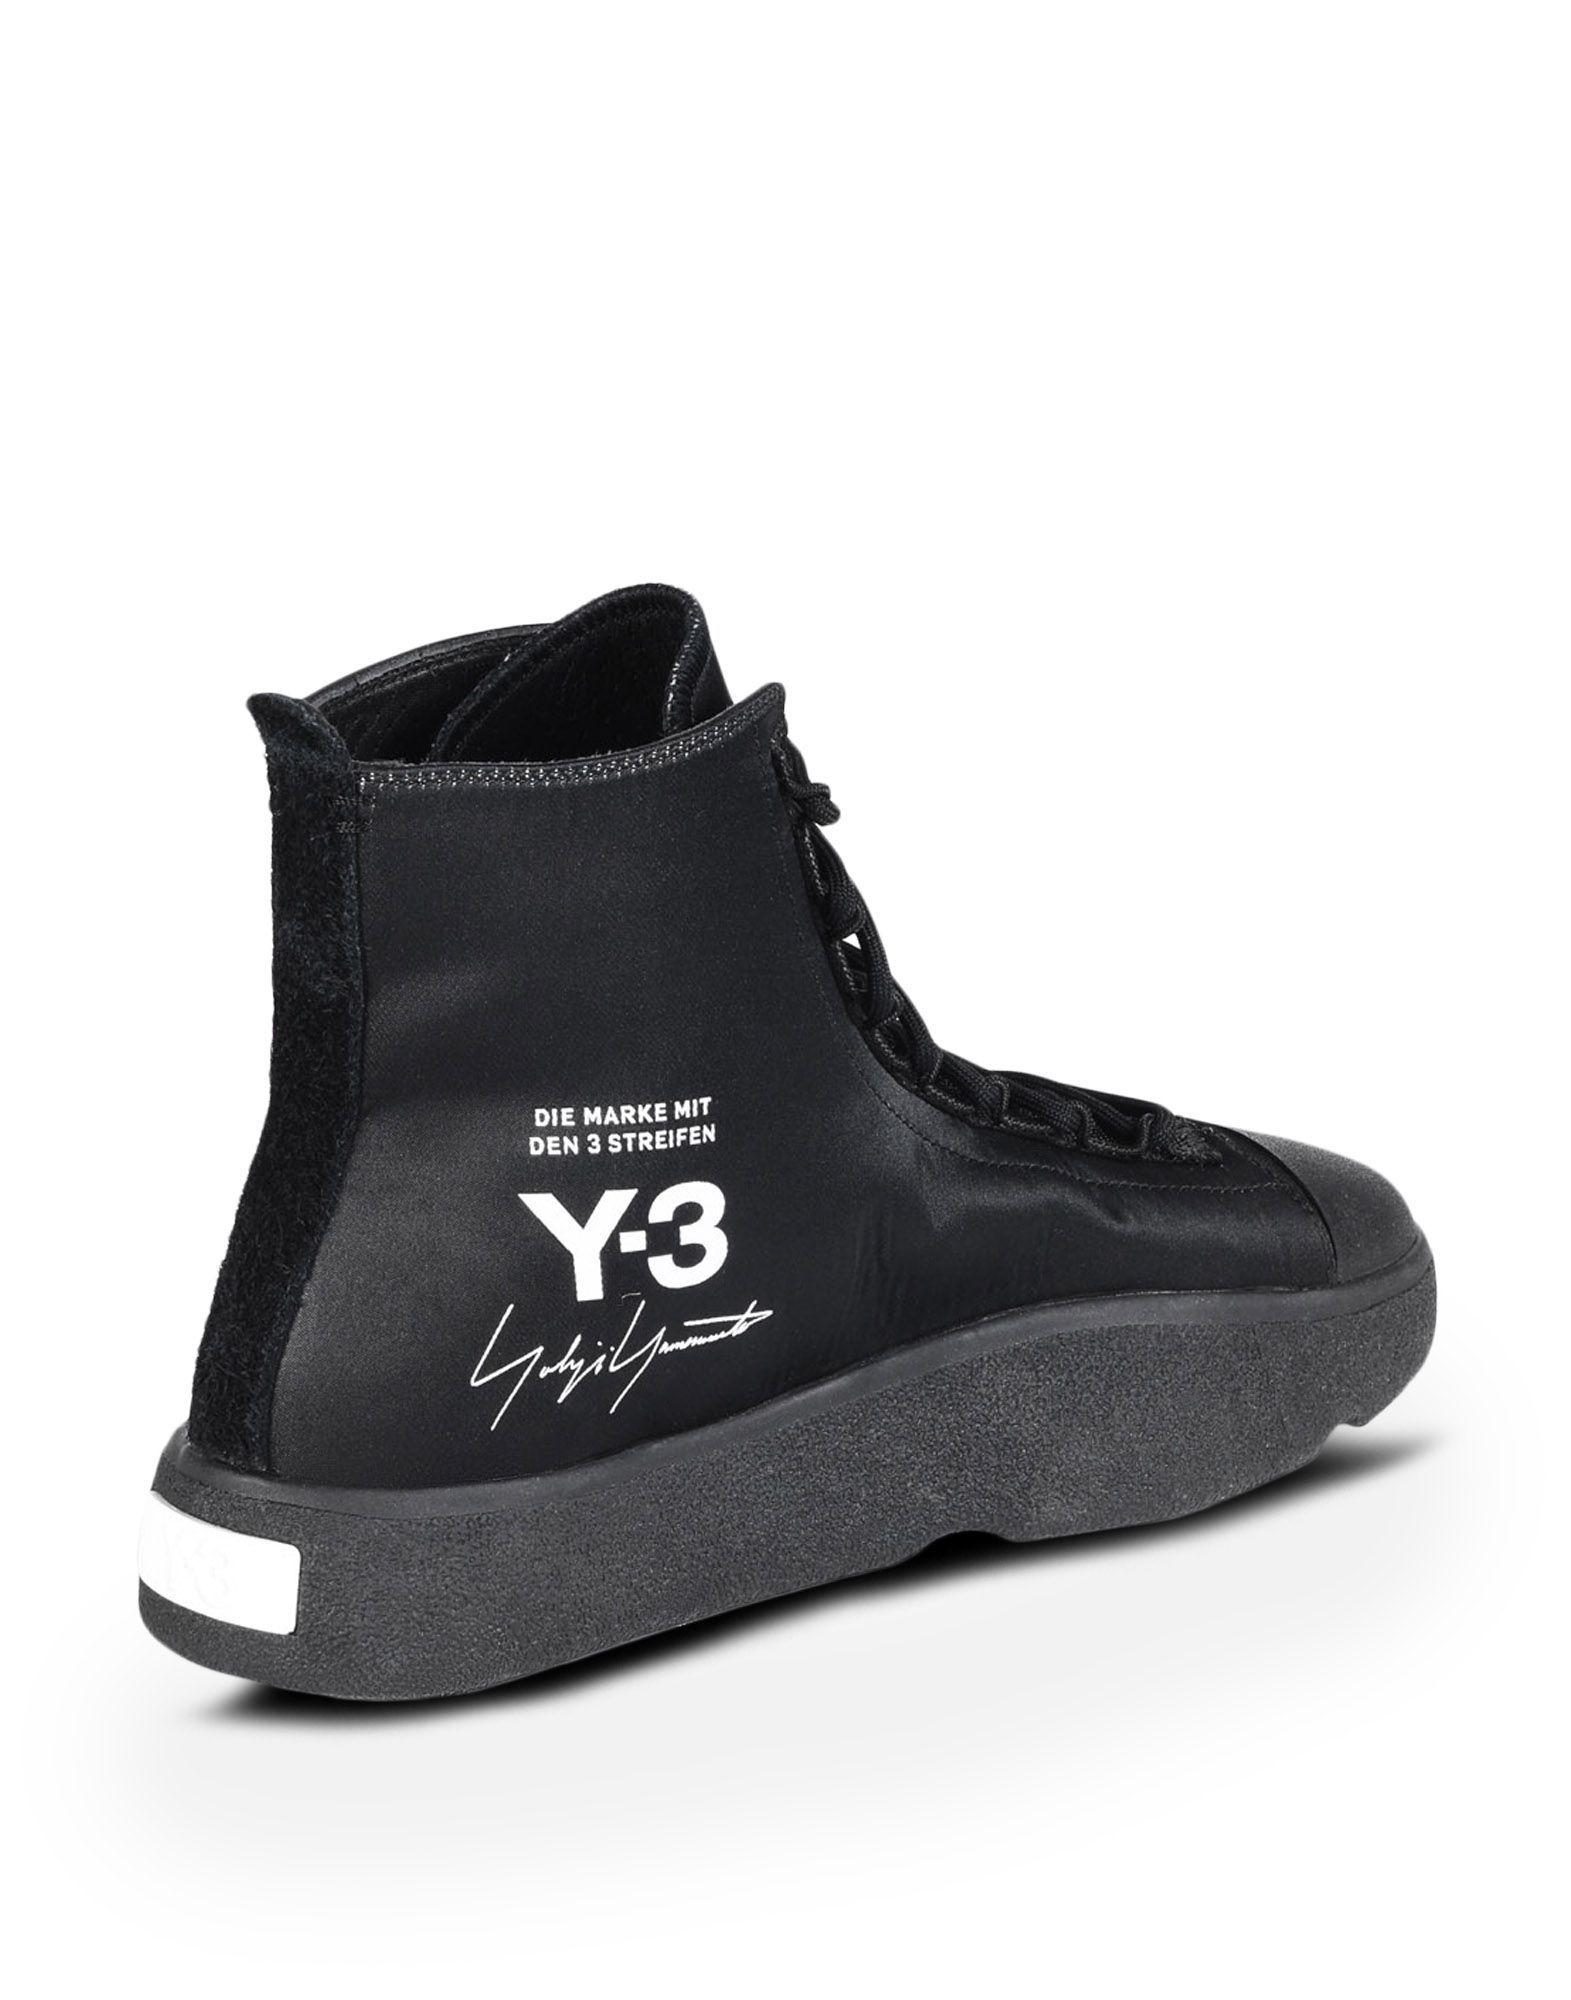 6f97dea74 Y-3 BASHYO SHOES unisex Y-3 adidas